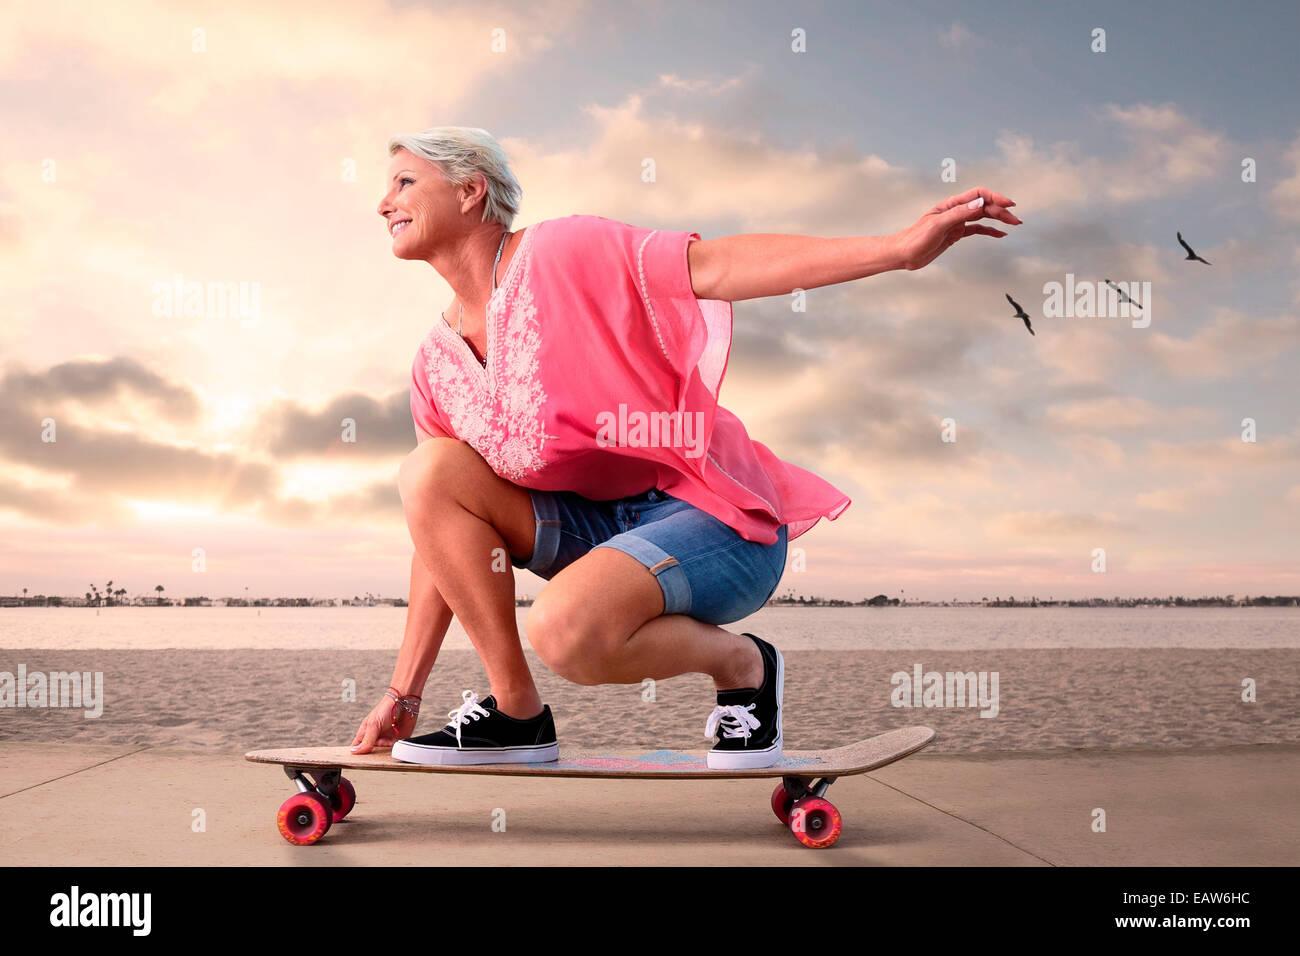 Joven Mujer senior sobre skateboarding junto a la playa al atardecer, los pájaros que vuelan en el fondo. Imagen De Stock